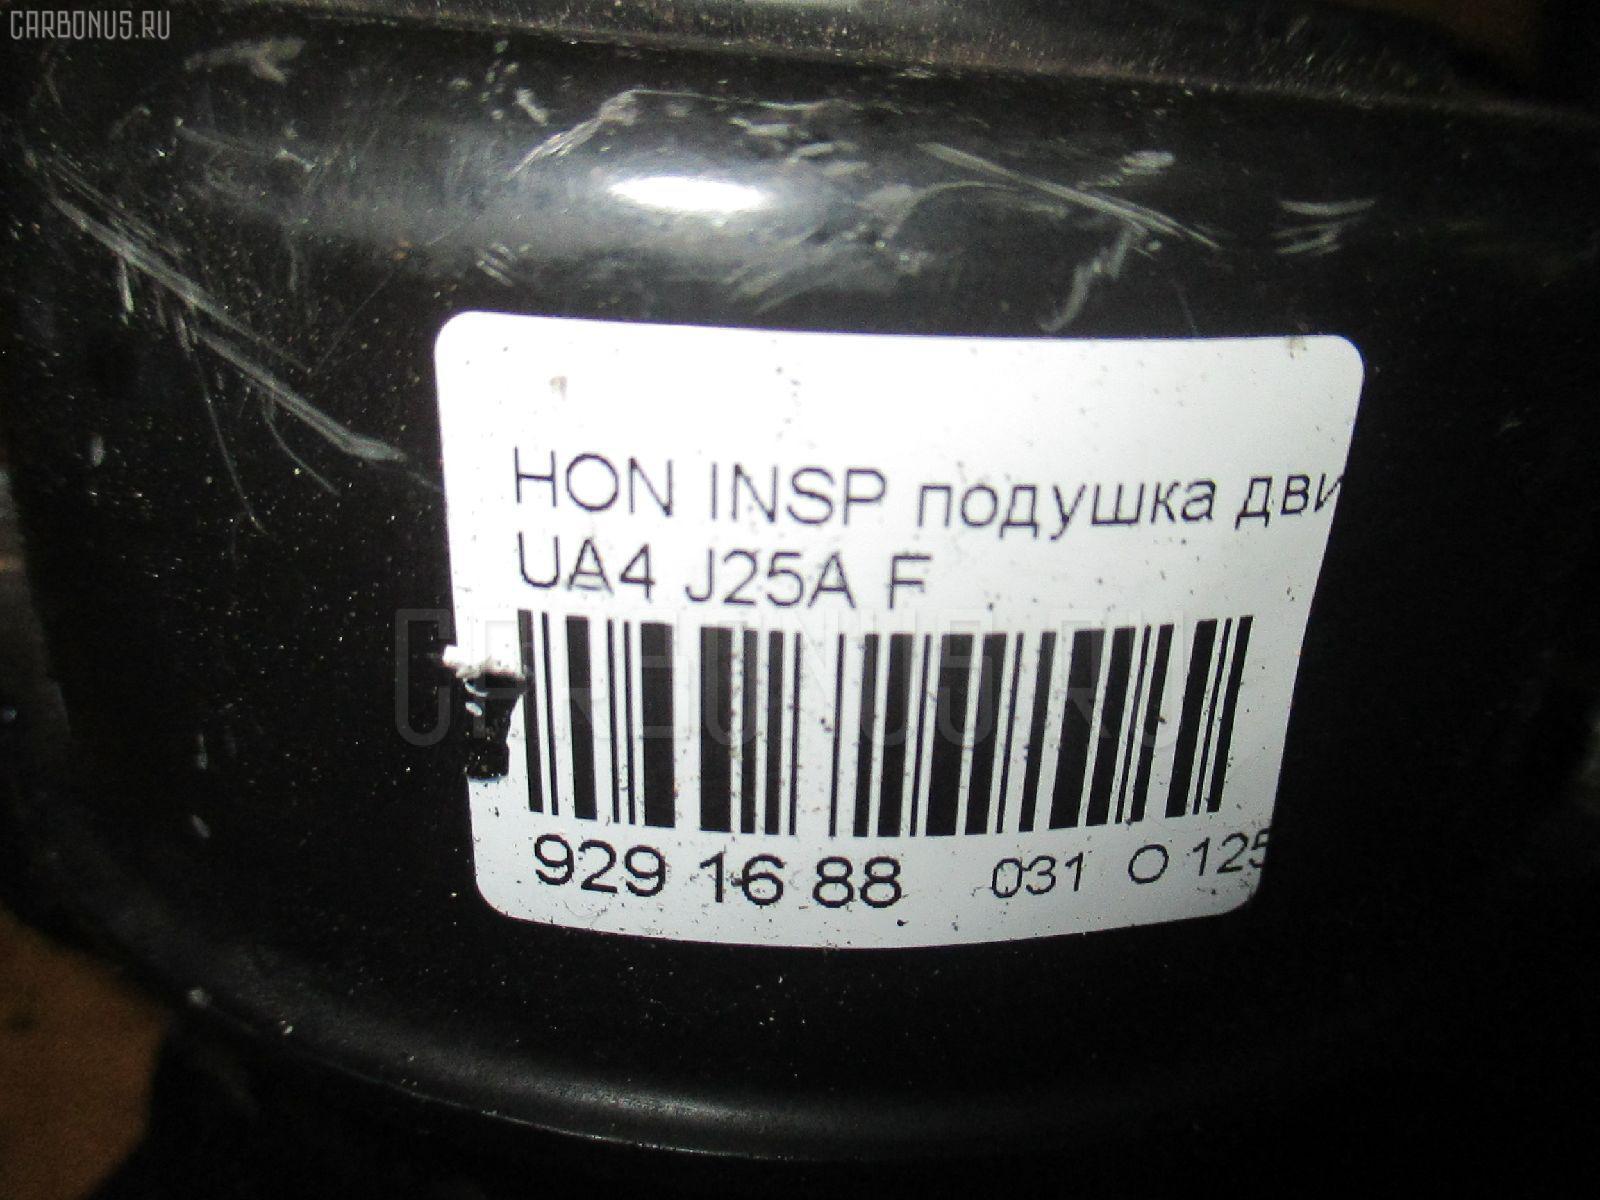 Подушка двигателя HONDA INSPIRE UA4 J25A Фото 8